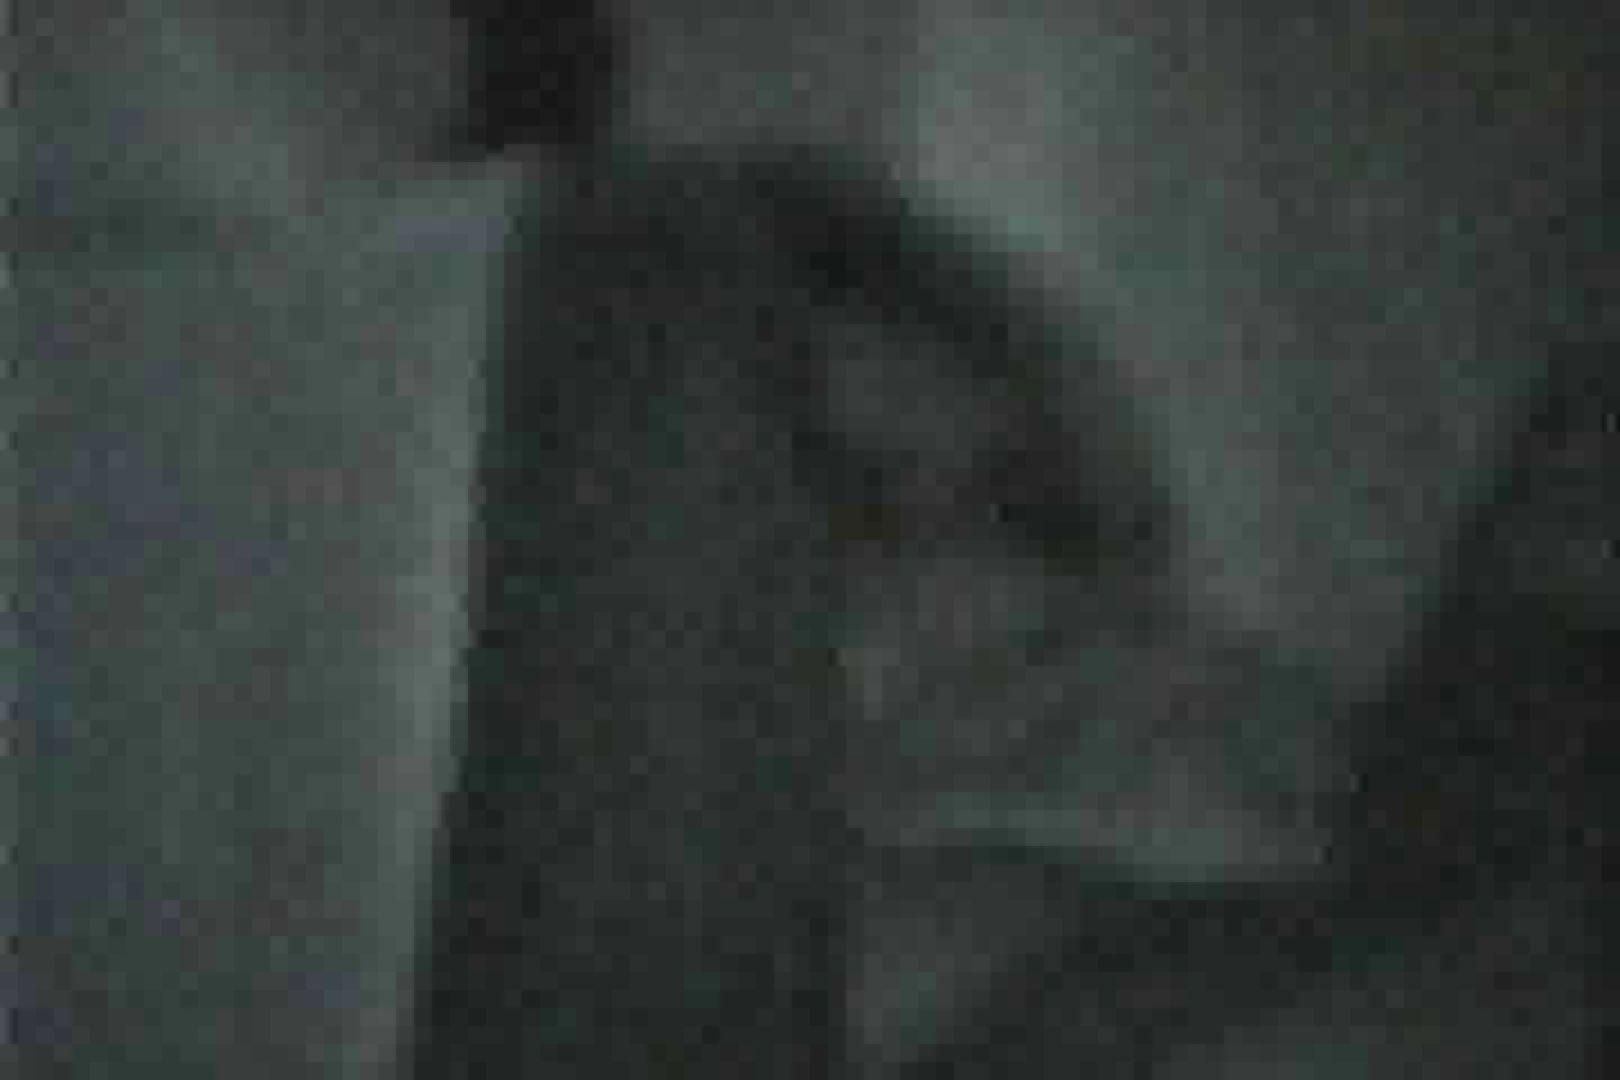 充血監督の深夜の運動会Vol.27 接写 盗撮えろ無修正画像 76画像 76